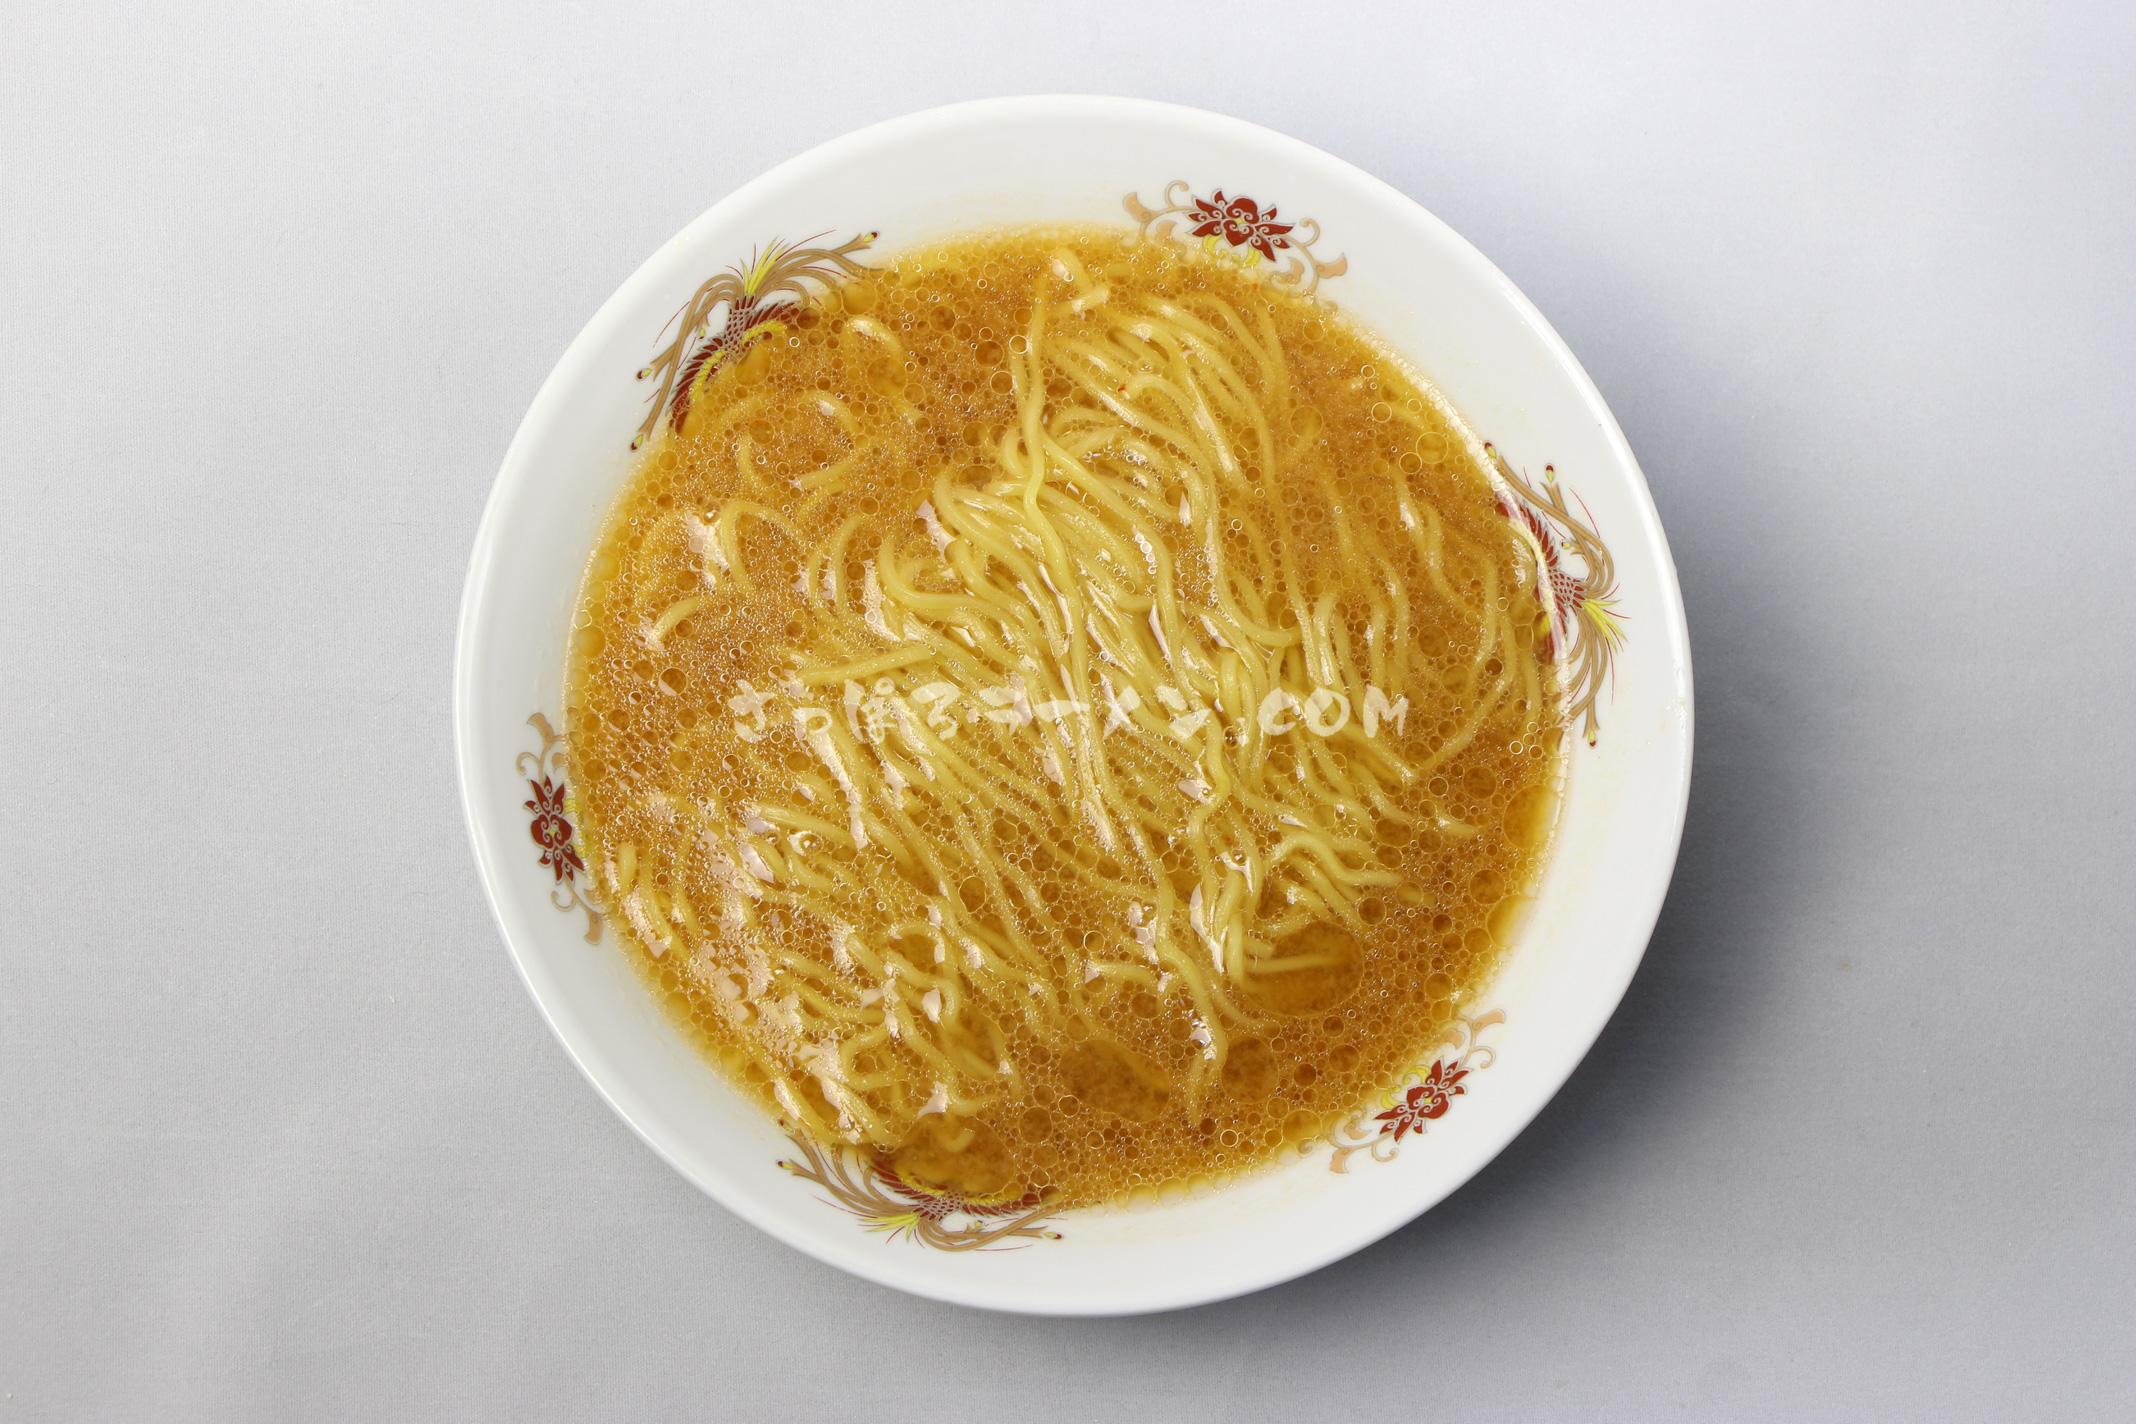 「函館らーめん屋 まつ笠 こってり味噌らーめん」(藤原製麺)の完成画像